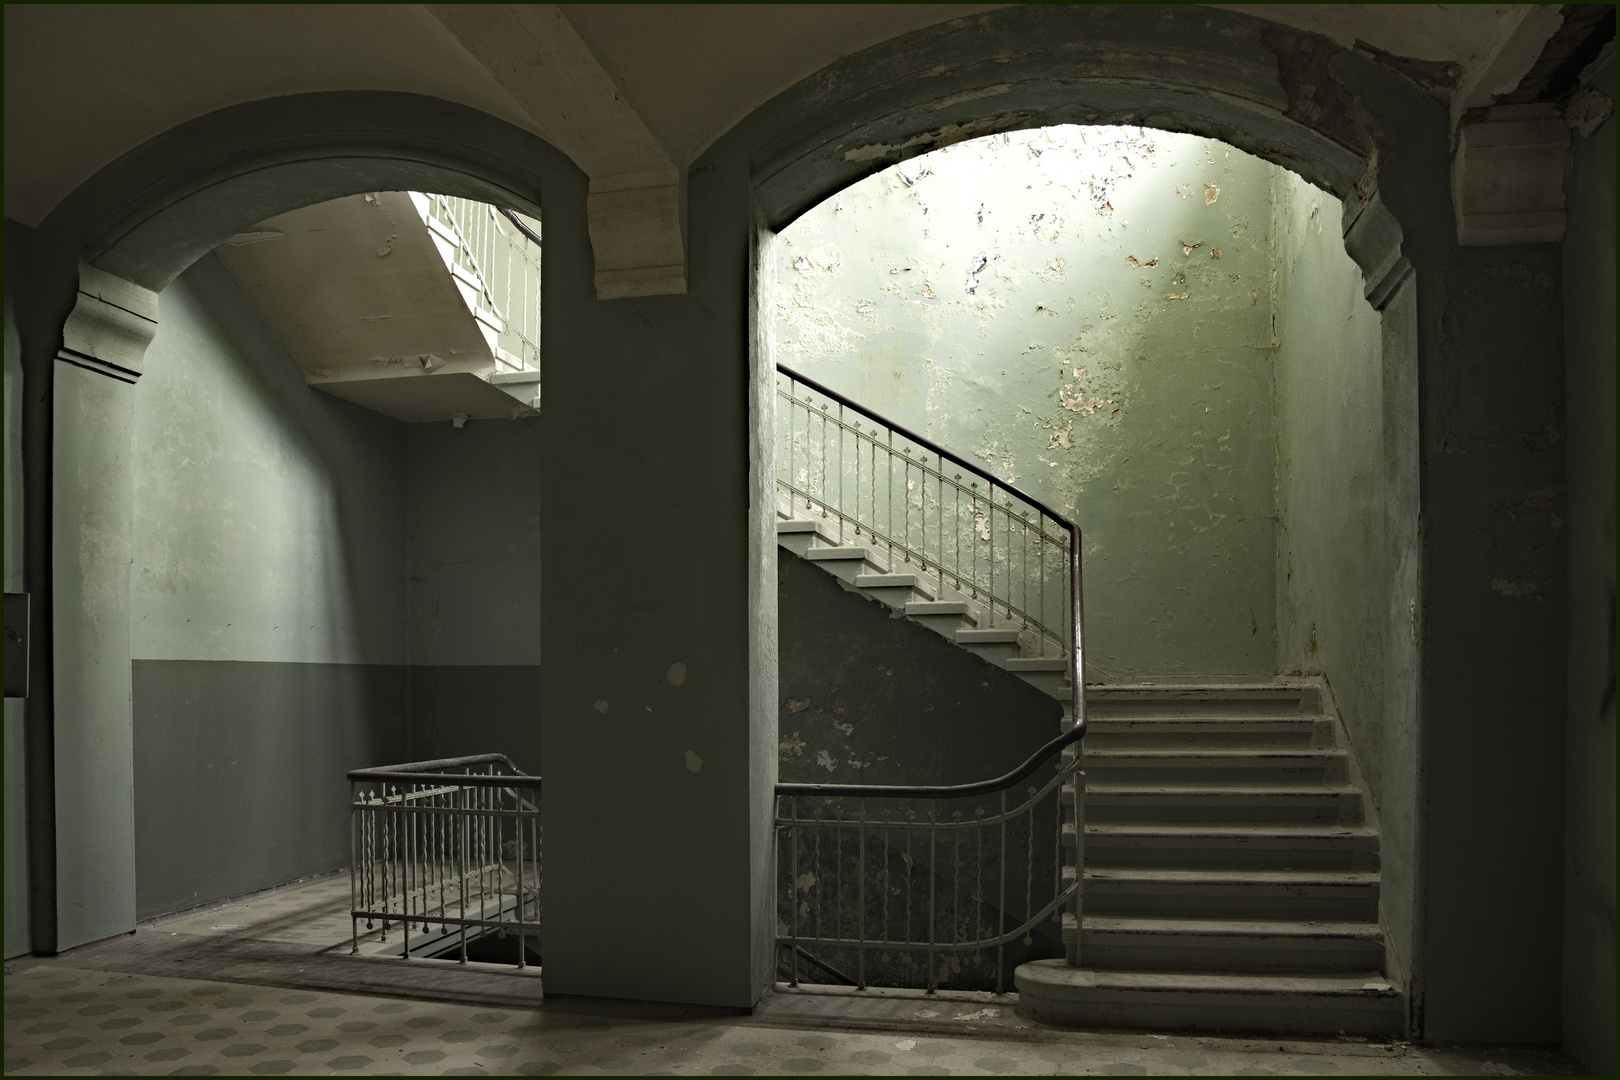 Durchblick zur Treppe